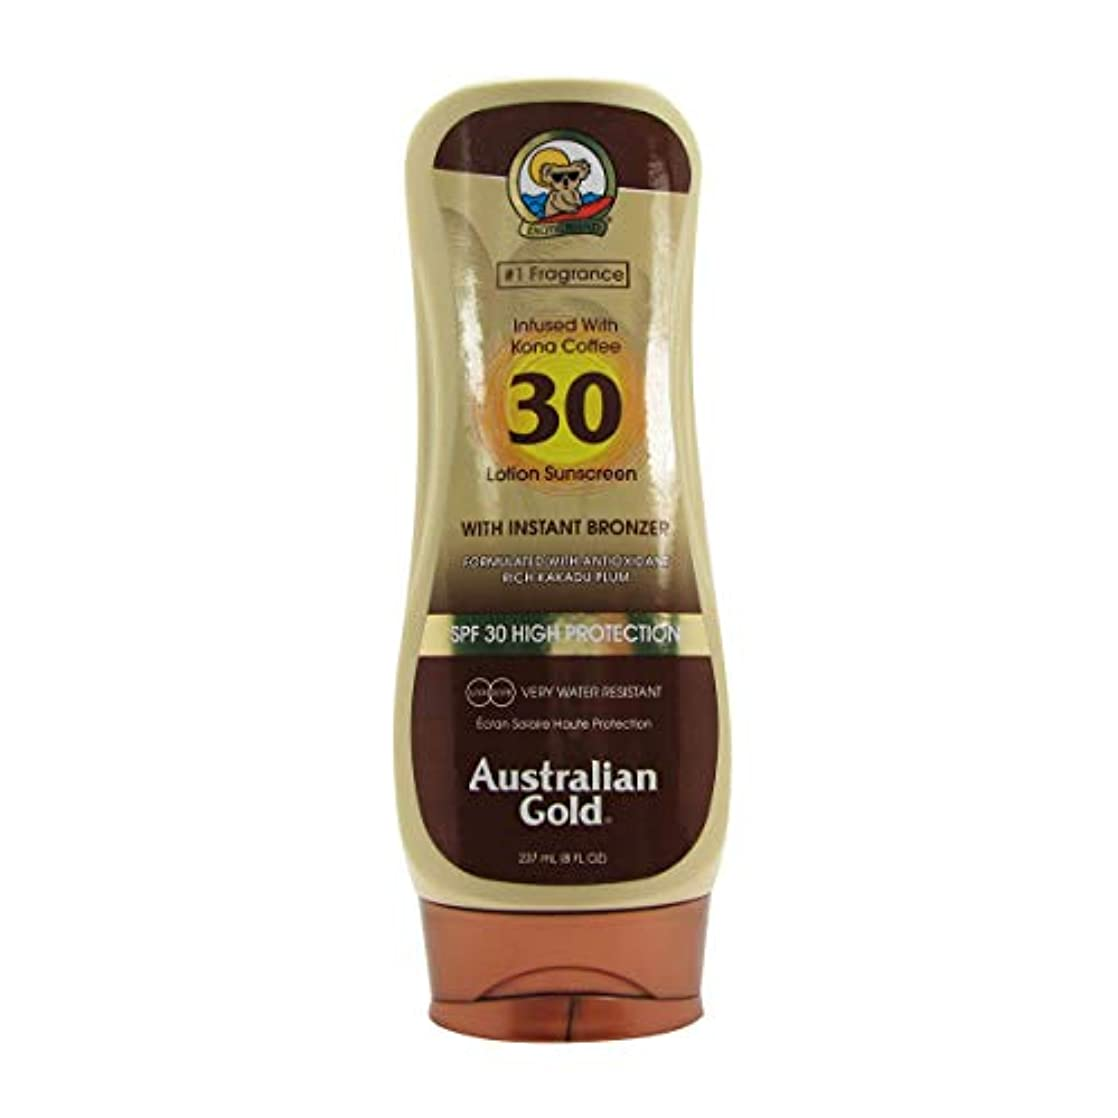 速度神秘帰るオーストラリアンゴールドローションSPF30インスタントブロンザー237ml